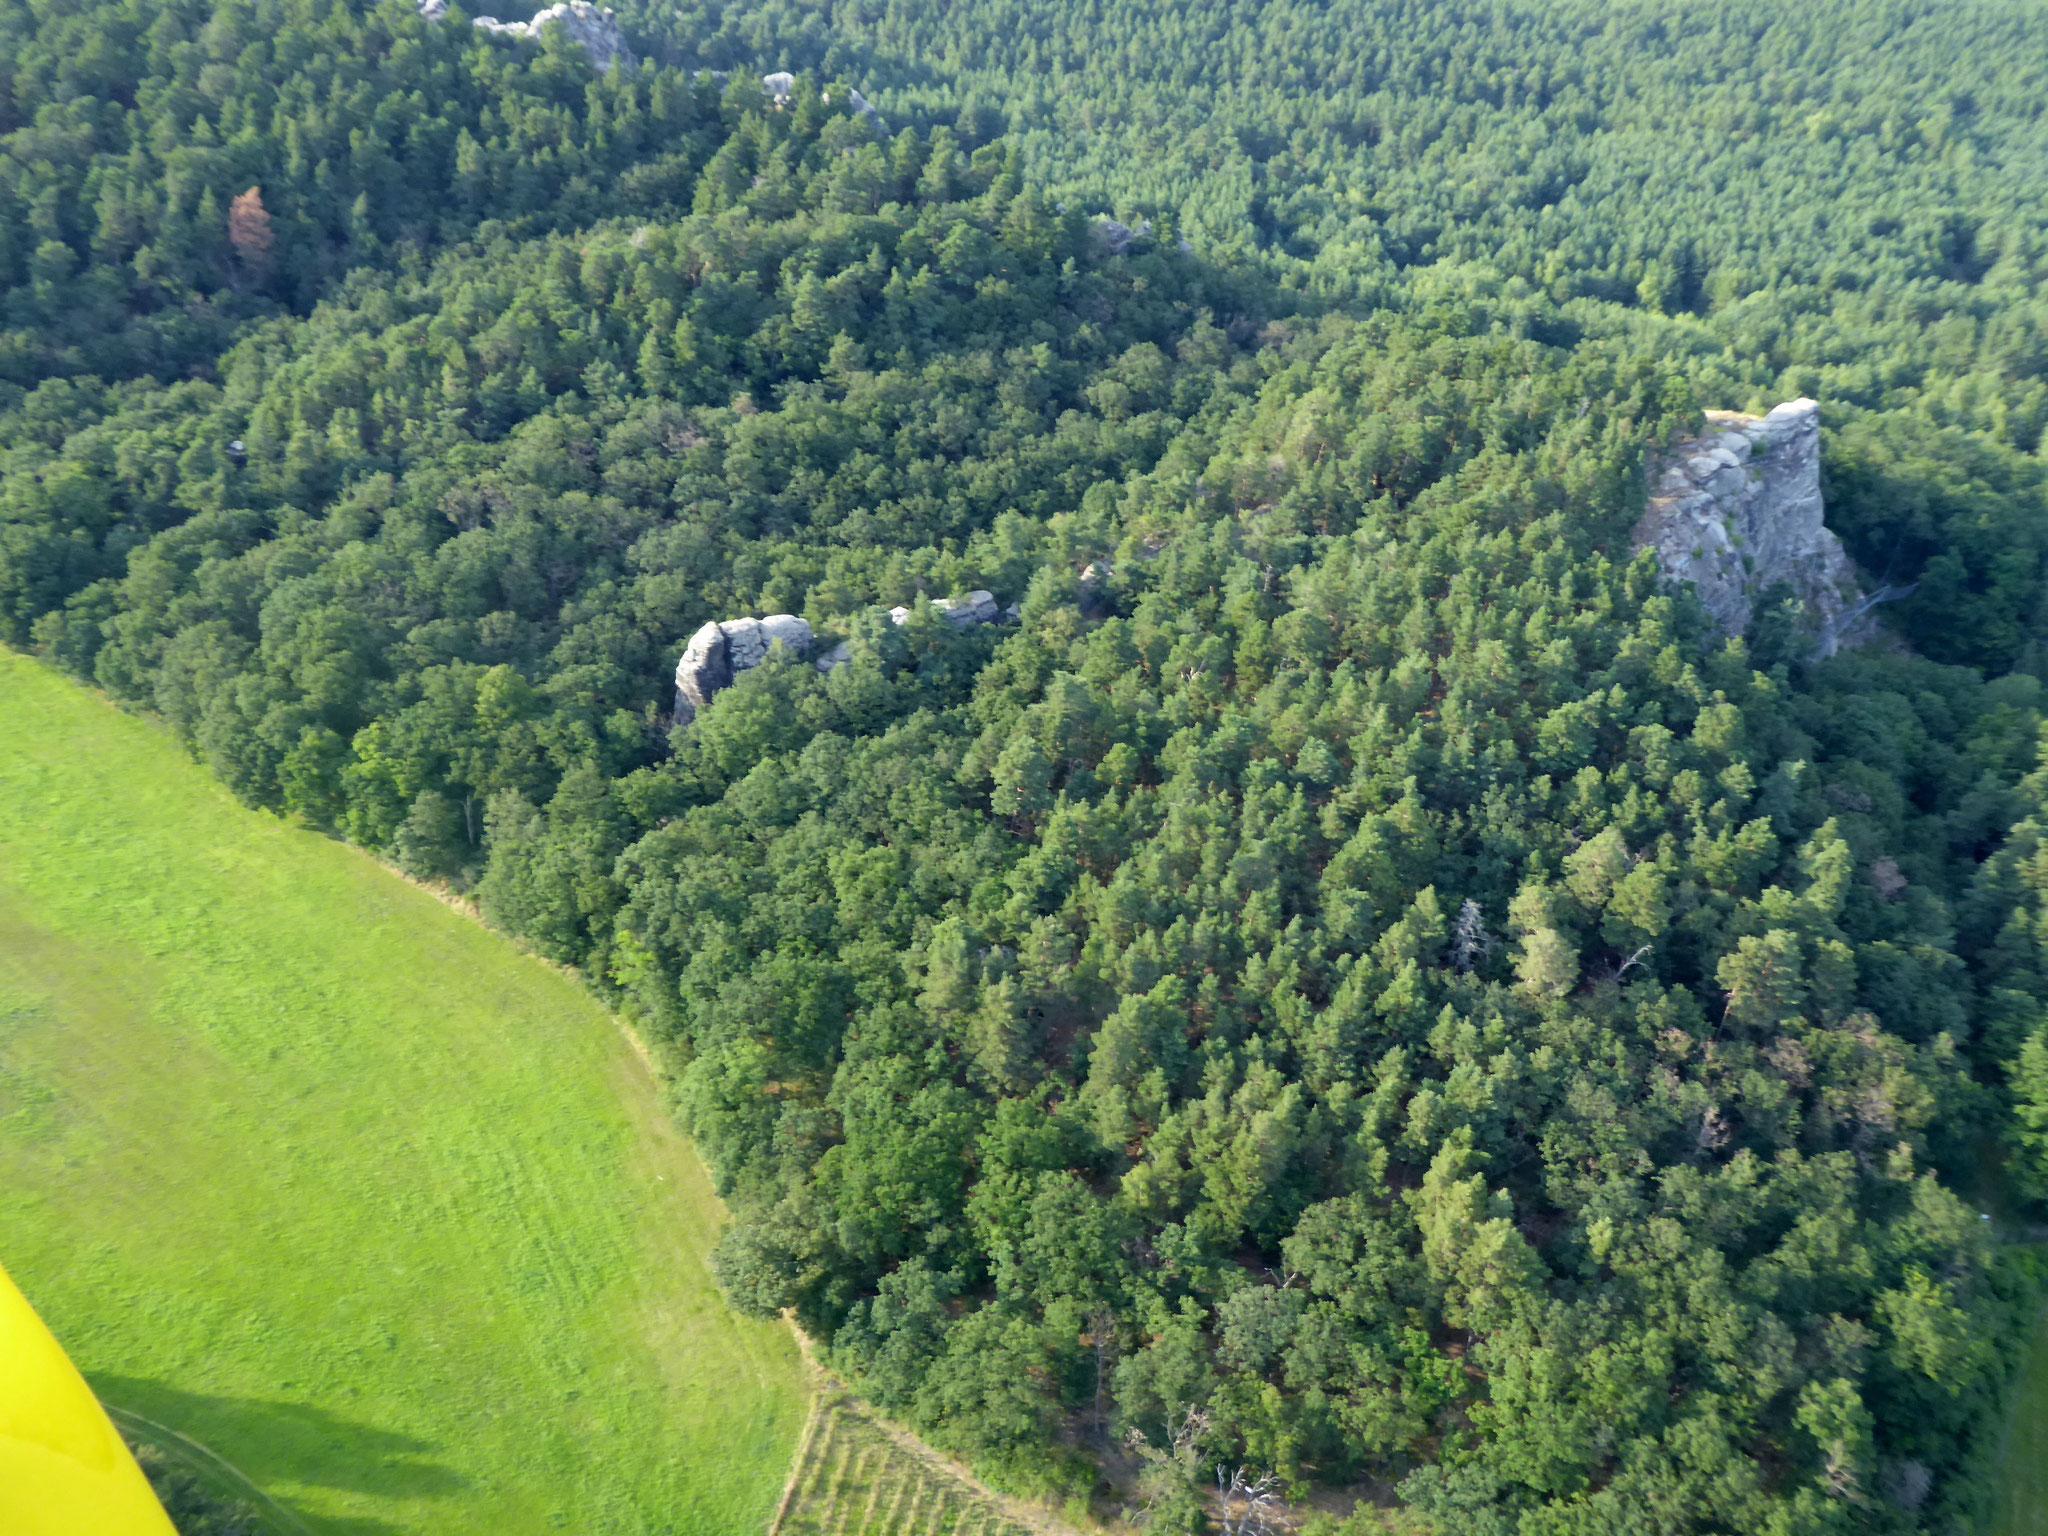 Blick aus der Luft auf die Felsen.